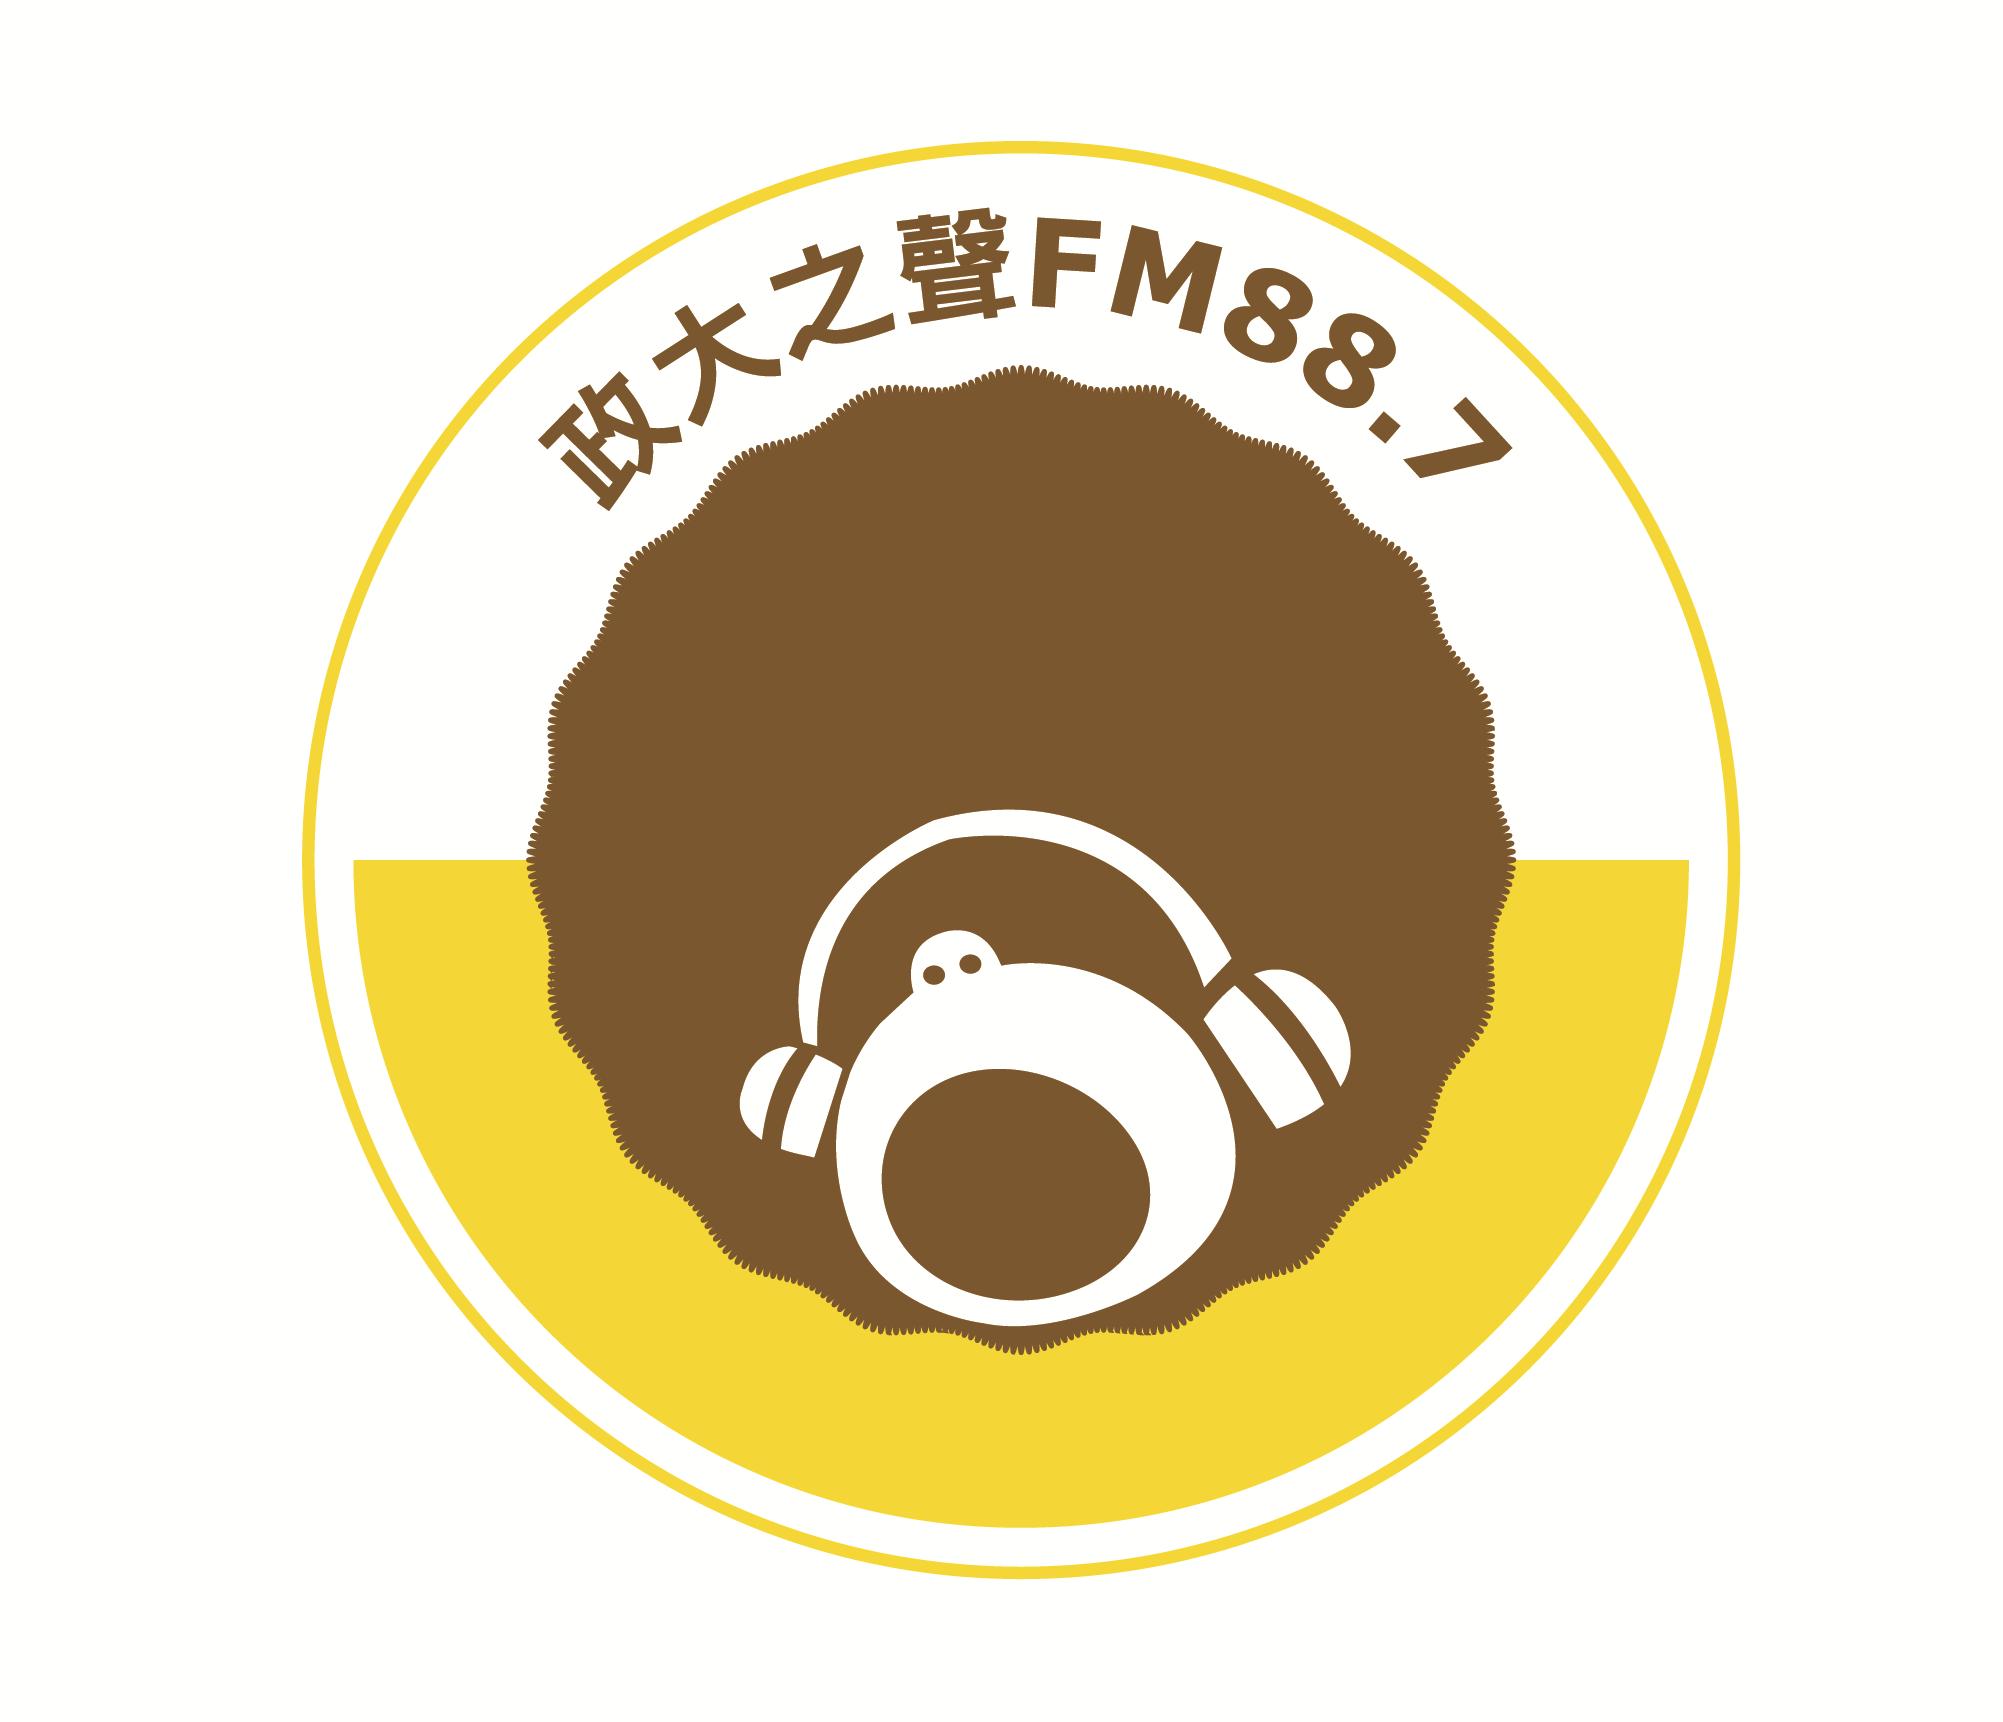 vnccu-logo